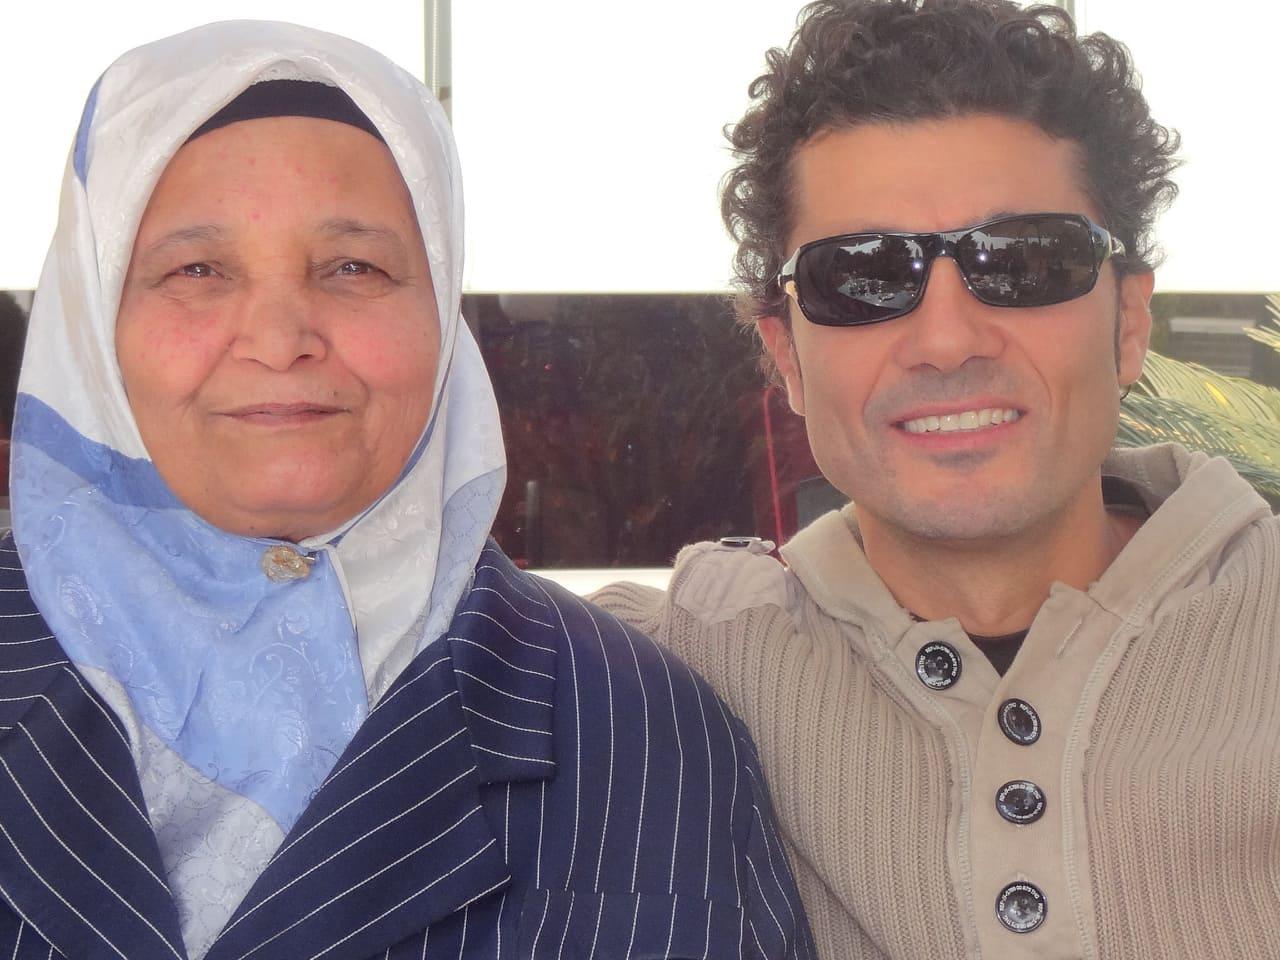 خالد النبوي يحيي ذكرى وفاة والدته بصورة وكلمات مؤثرة